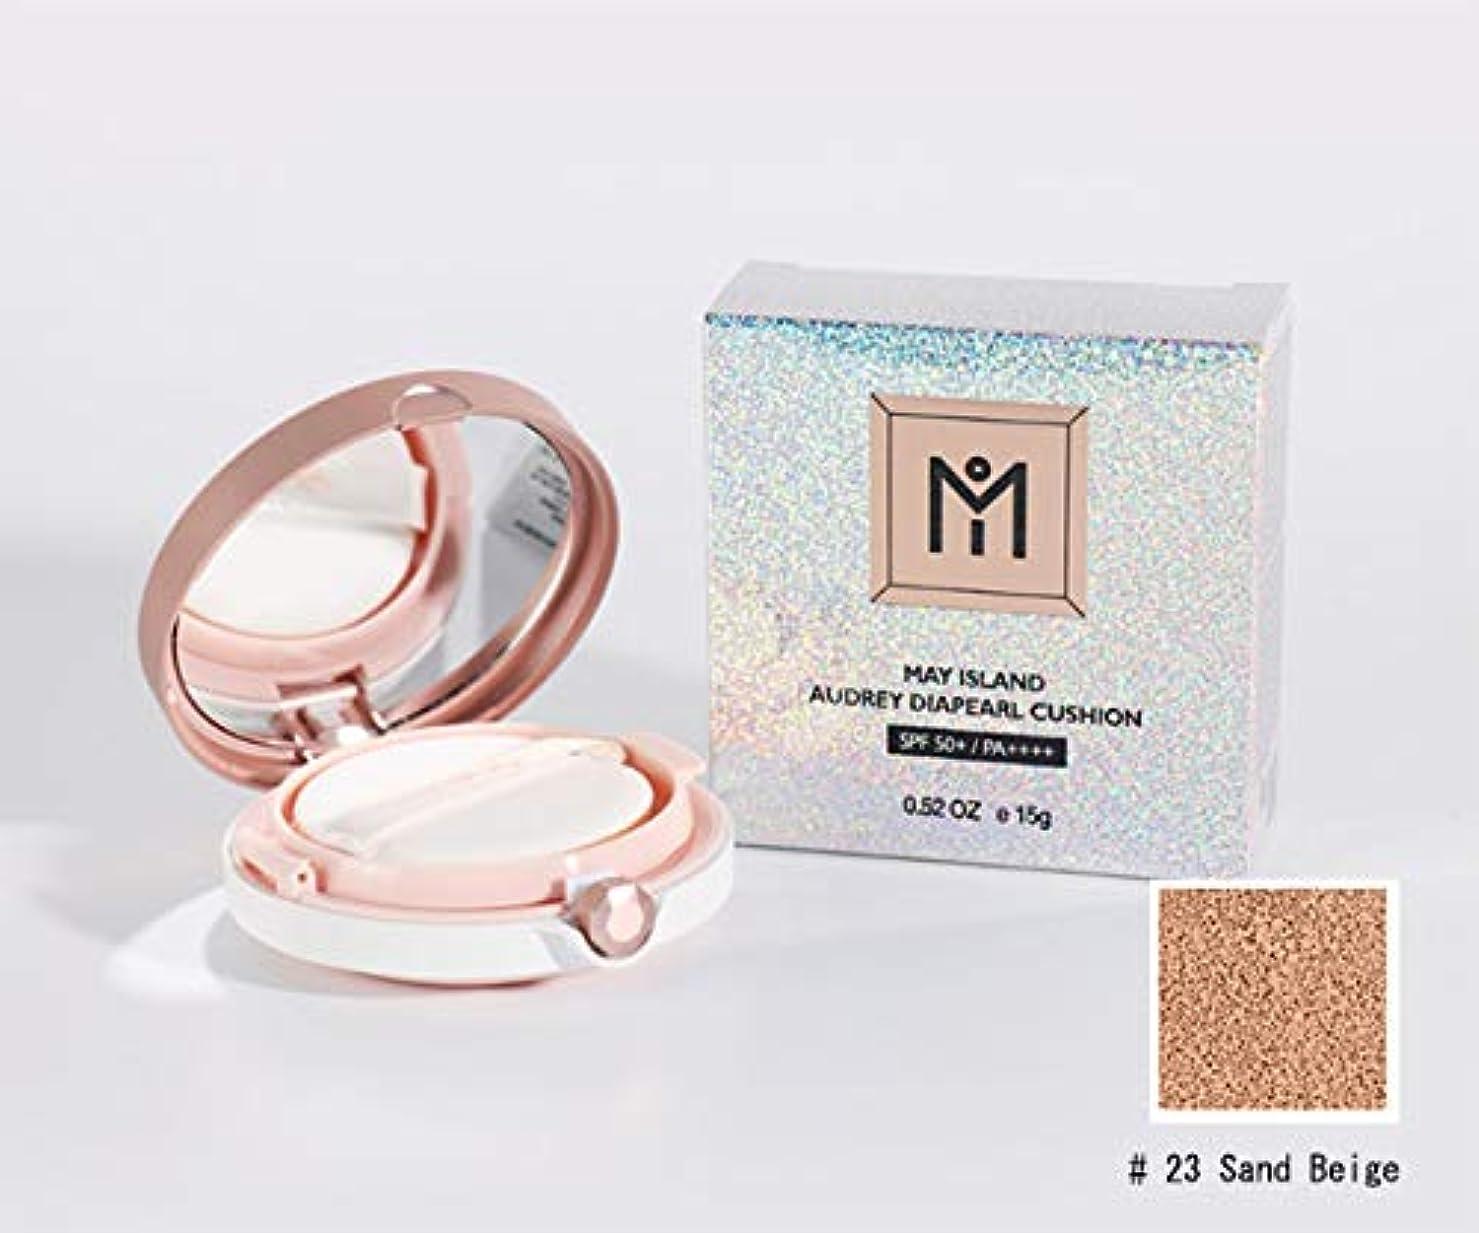 脱獄敬の念ファイバ[MAY ISLAND] AUDREY DIAPEARL CUSHION[#23.Sand Beige] ダイヤモンドパールクッション SPF50+/ PA++++[美白、シワの改善、紫外線遮断3の機能性化粧品]韓国の人気...